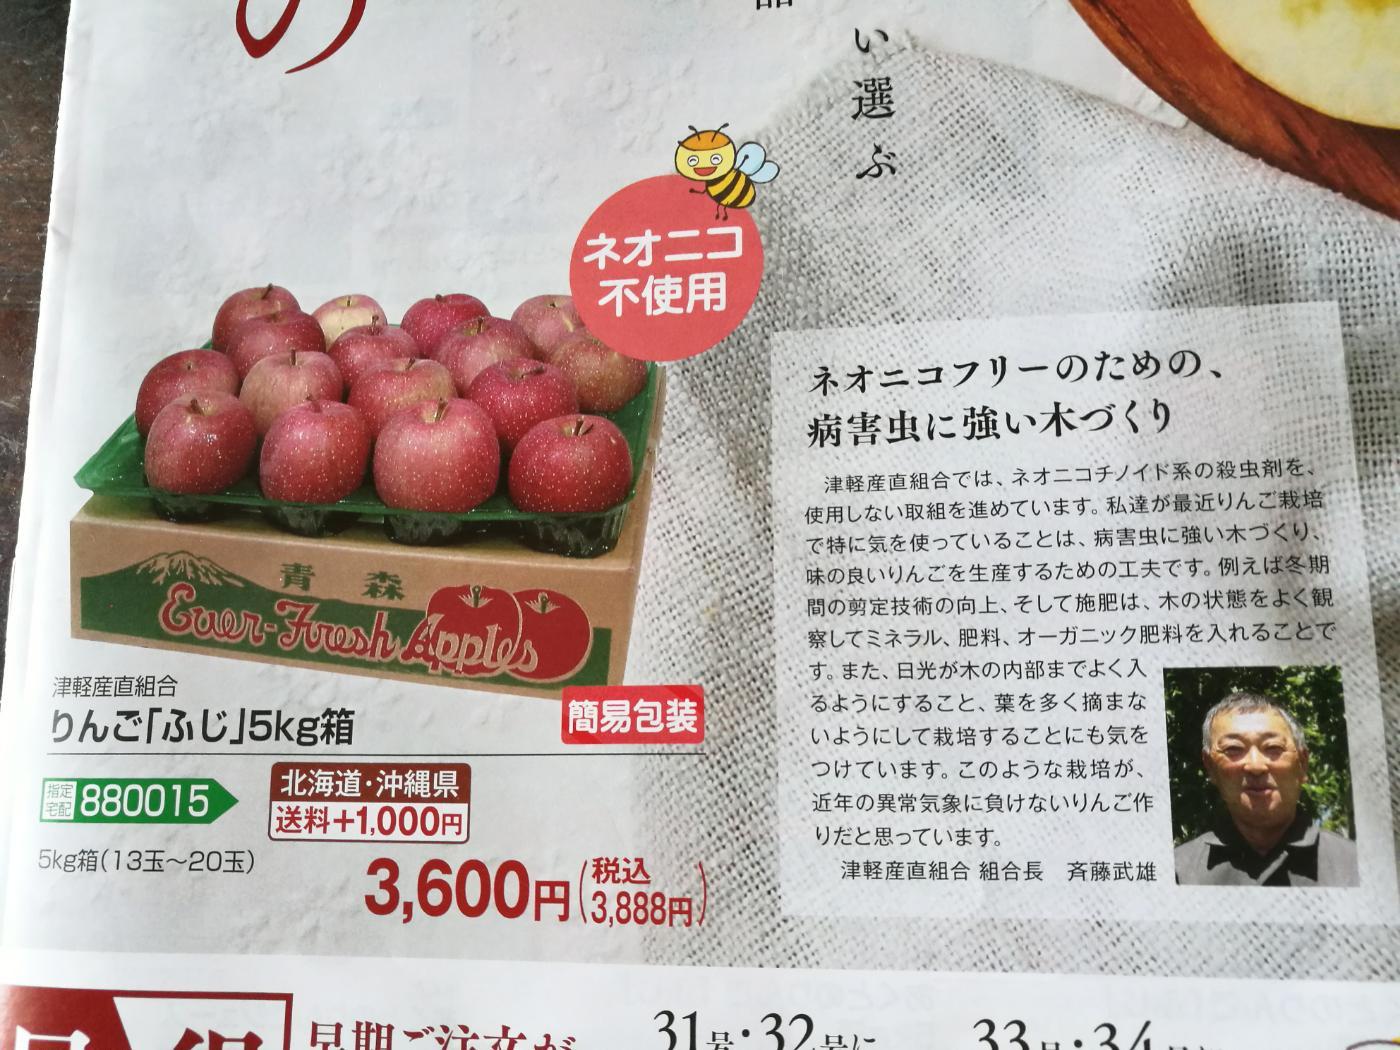 コープ自然派ギフトカタログりんご「ふじ」